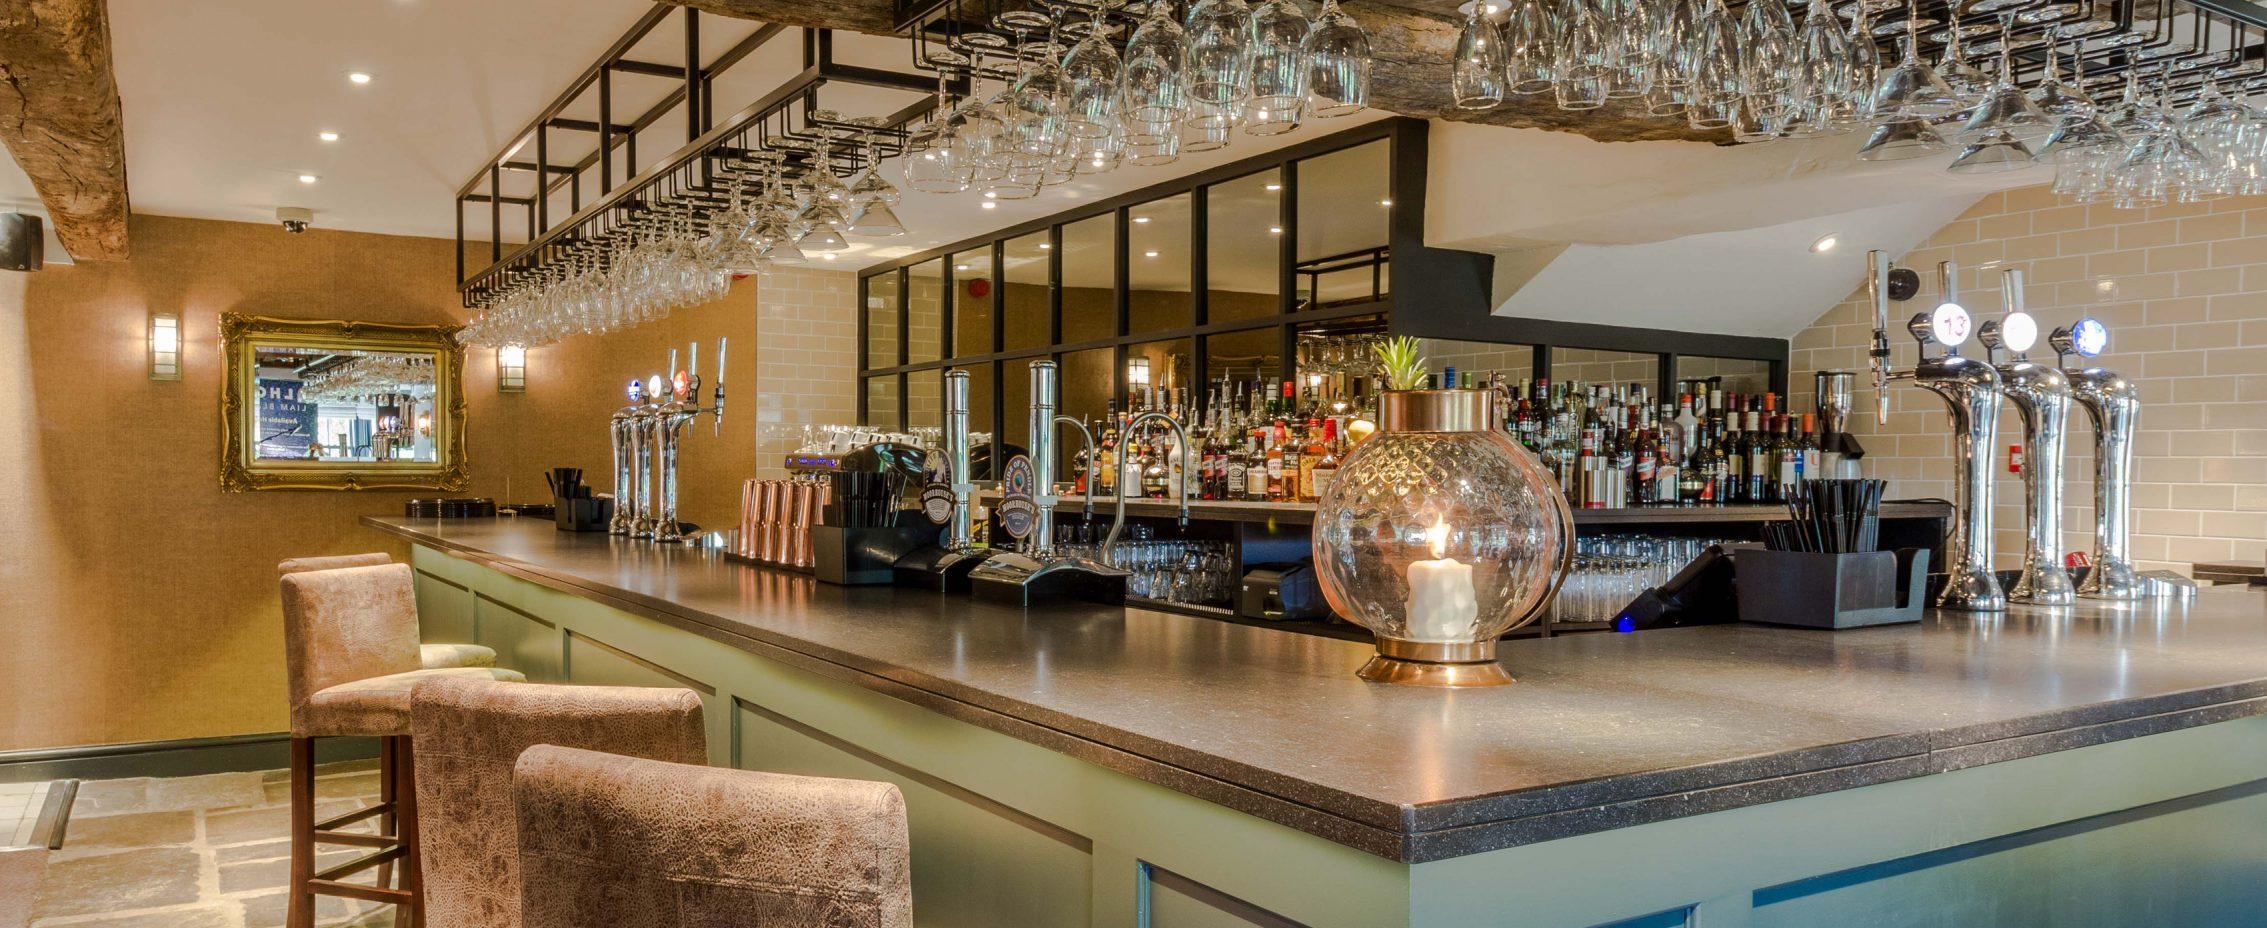 Ego Mediterranean Restaurant Little Hoole